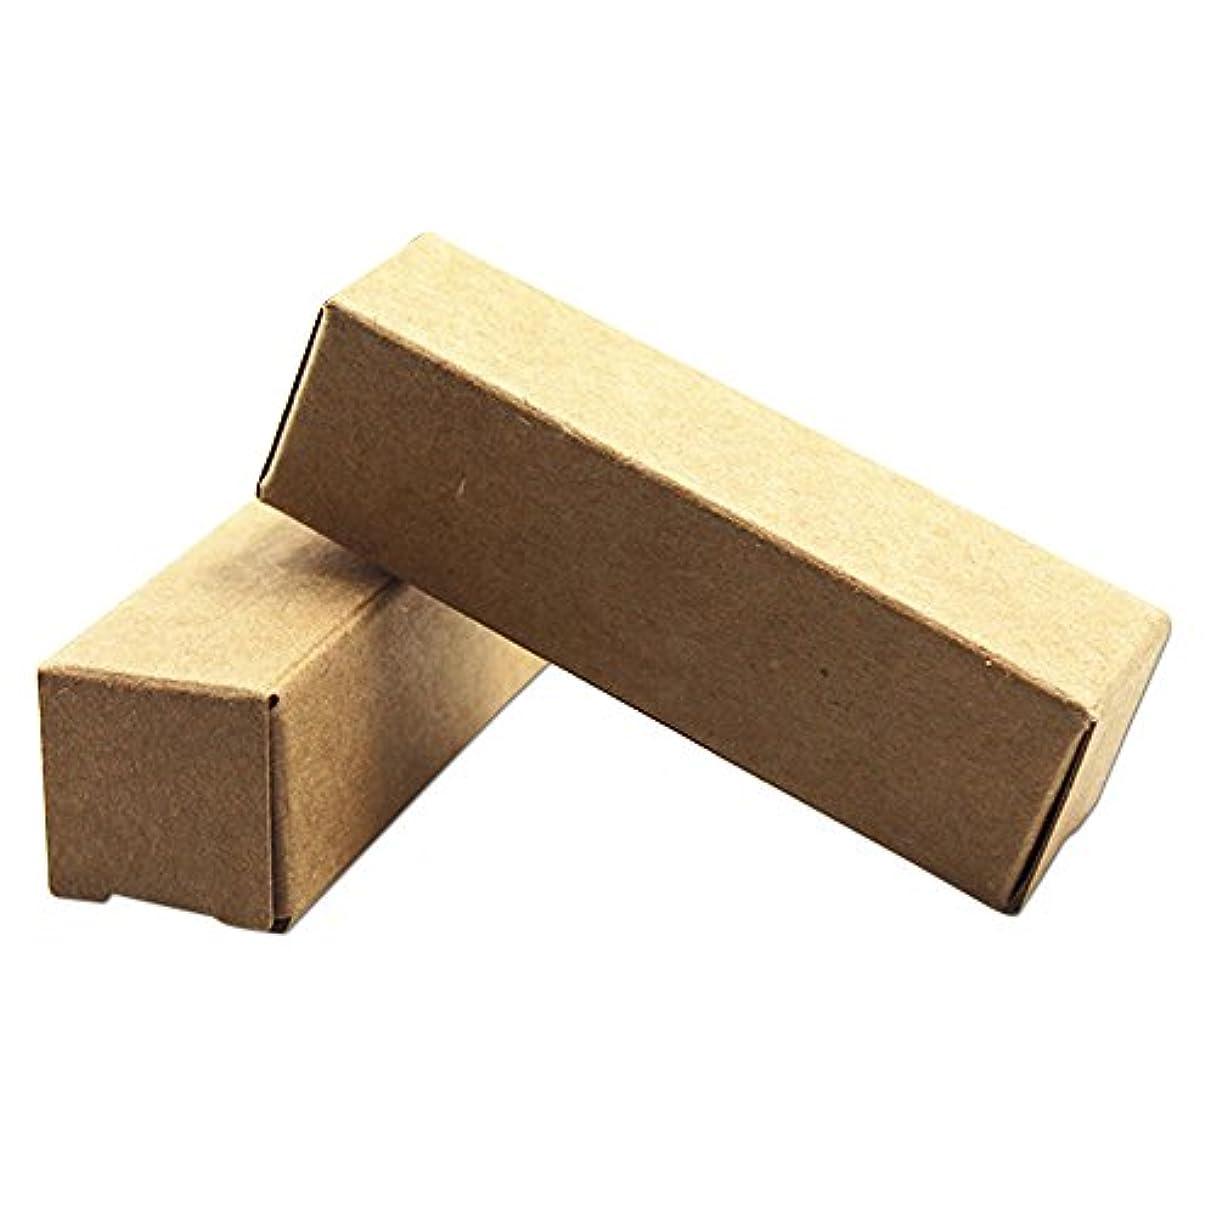 見つける共和国威信口紅ボトル 段ボール クラフト紙 茶色 包装箱 化粧品 メイクアップ ツールクラフト紙 エッセンシャルオイルクリームボトル ギフト バスケット 折りたたみ 小物 100個入 (2 x 2 x 7 cm)